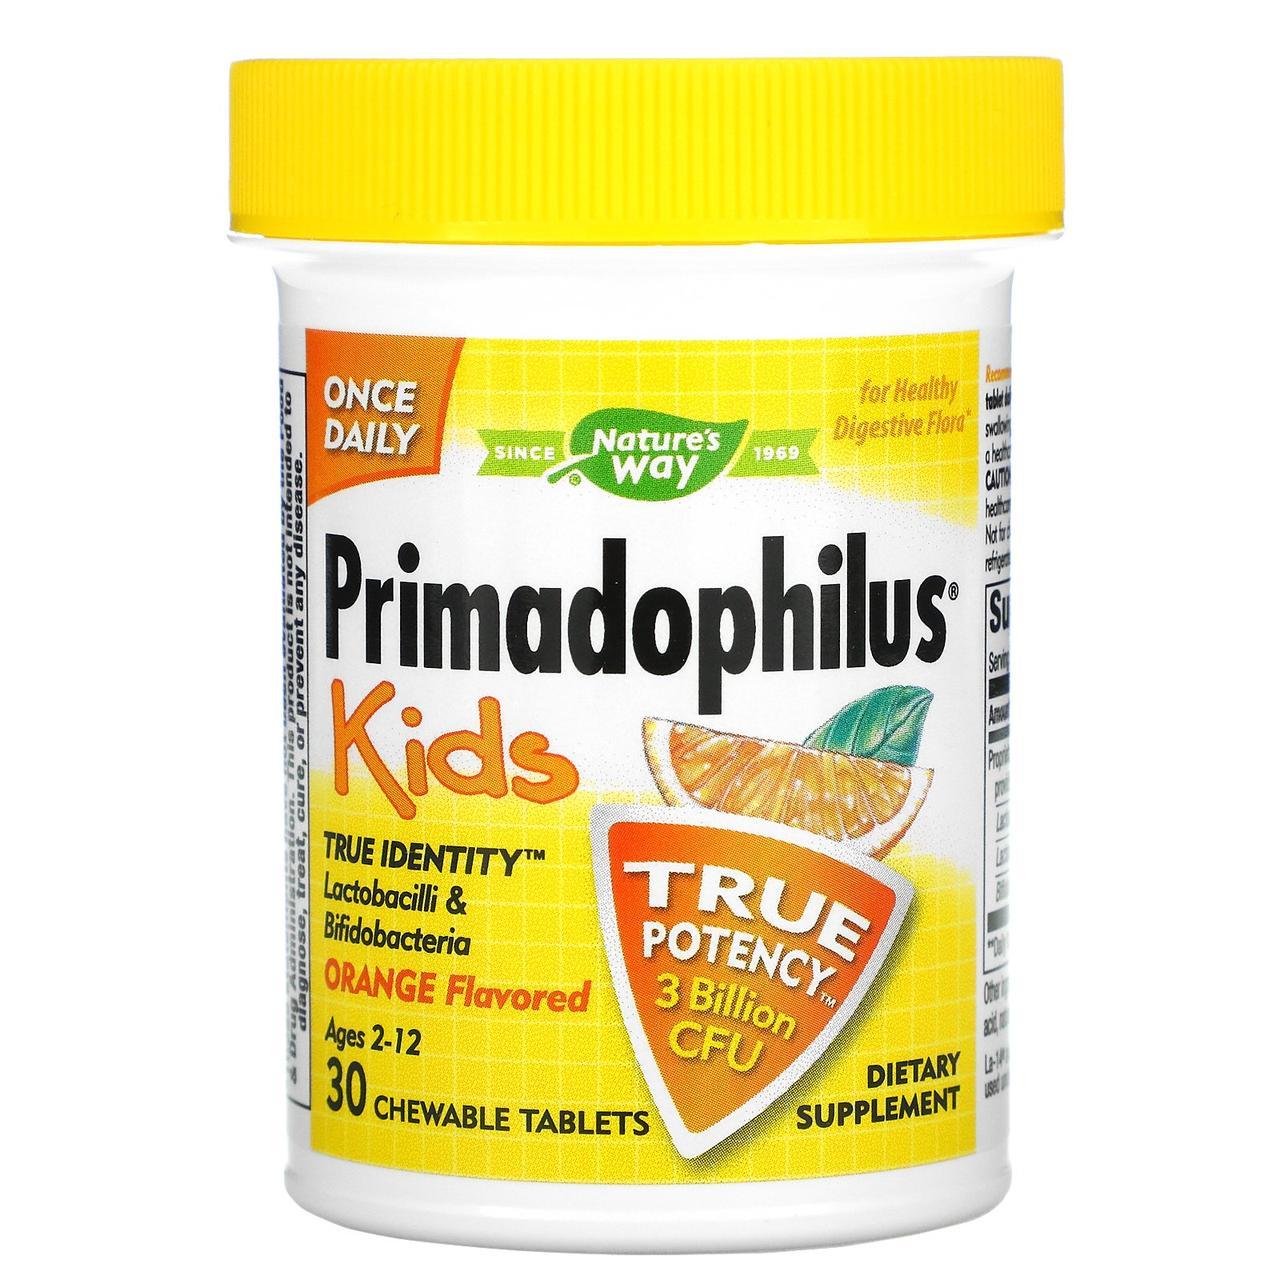 Примадофилус детский, пробиотик со вкусом апельсина, 2-12 лет, 30 жевательных таблеток